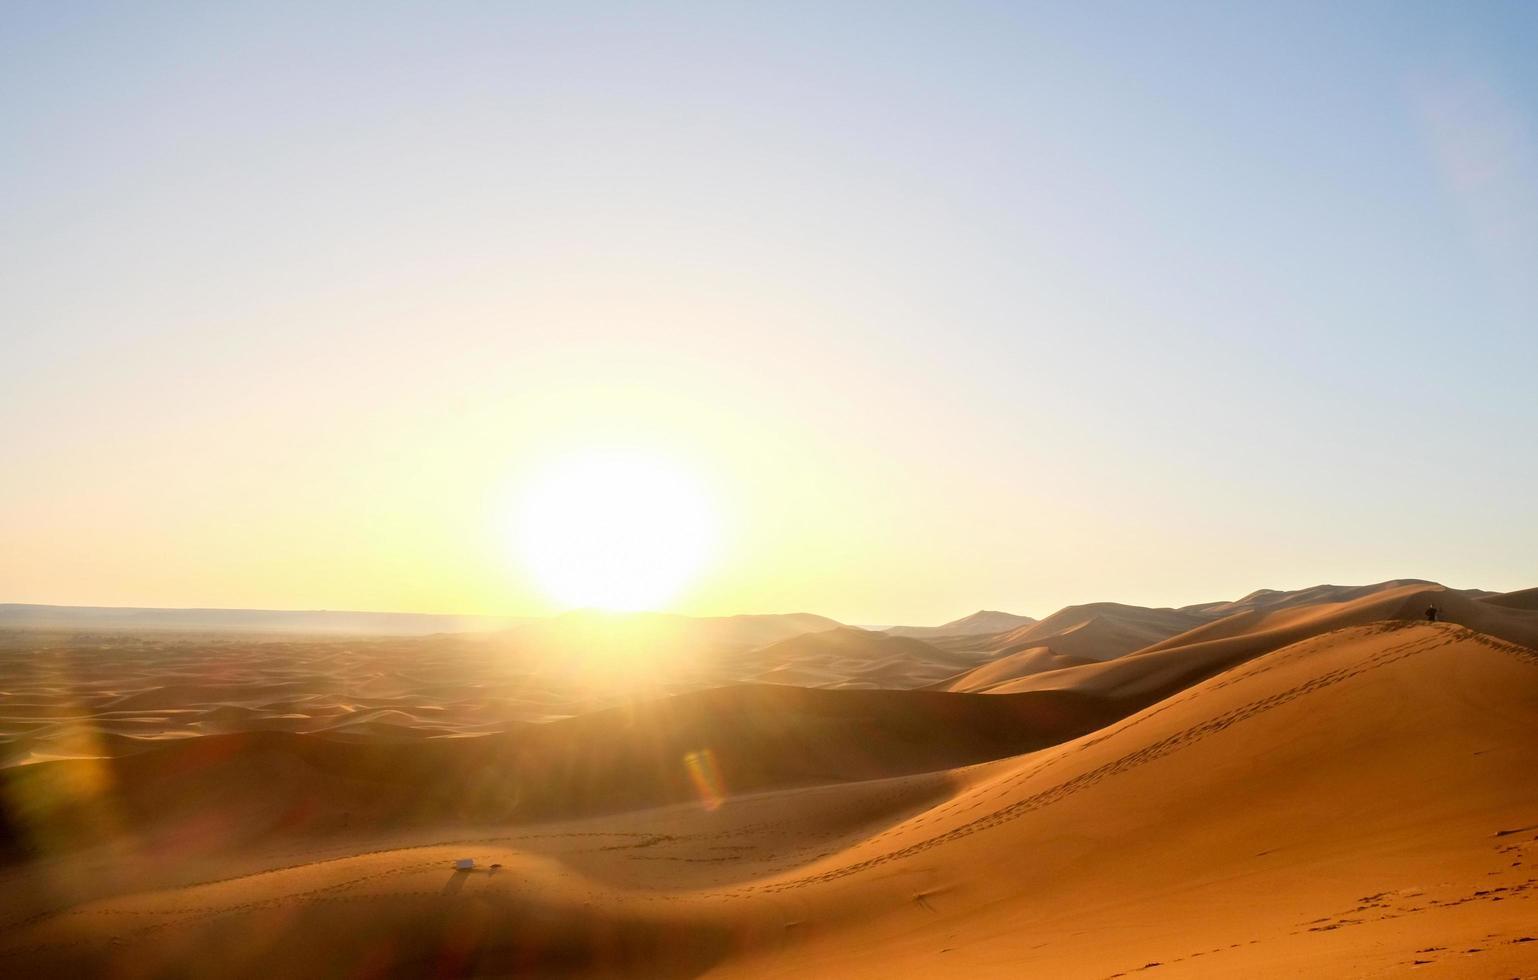 Lever du soleil sur les dunes de sable à l'erg chebbi photo